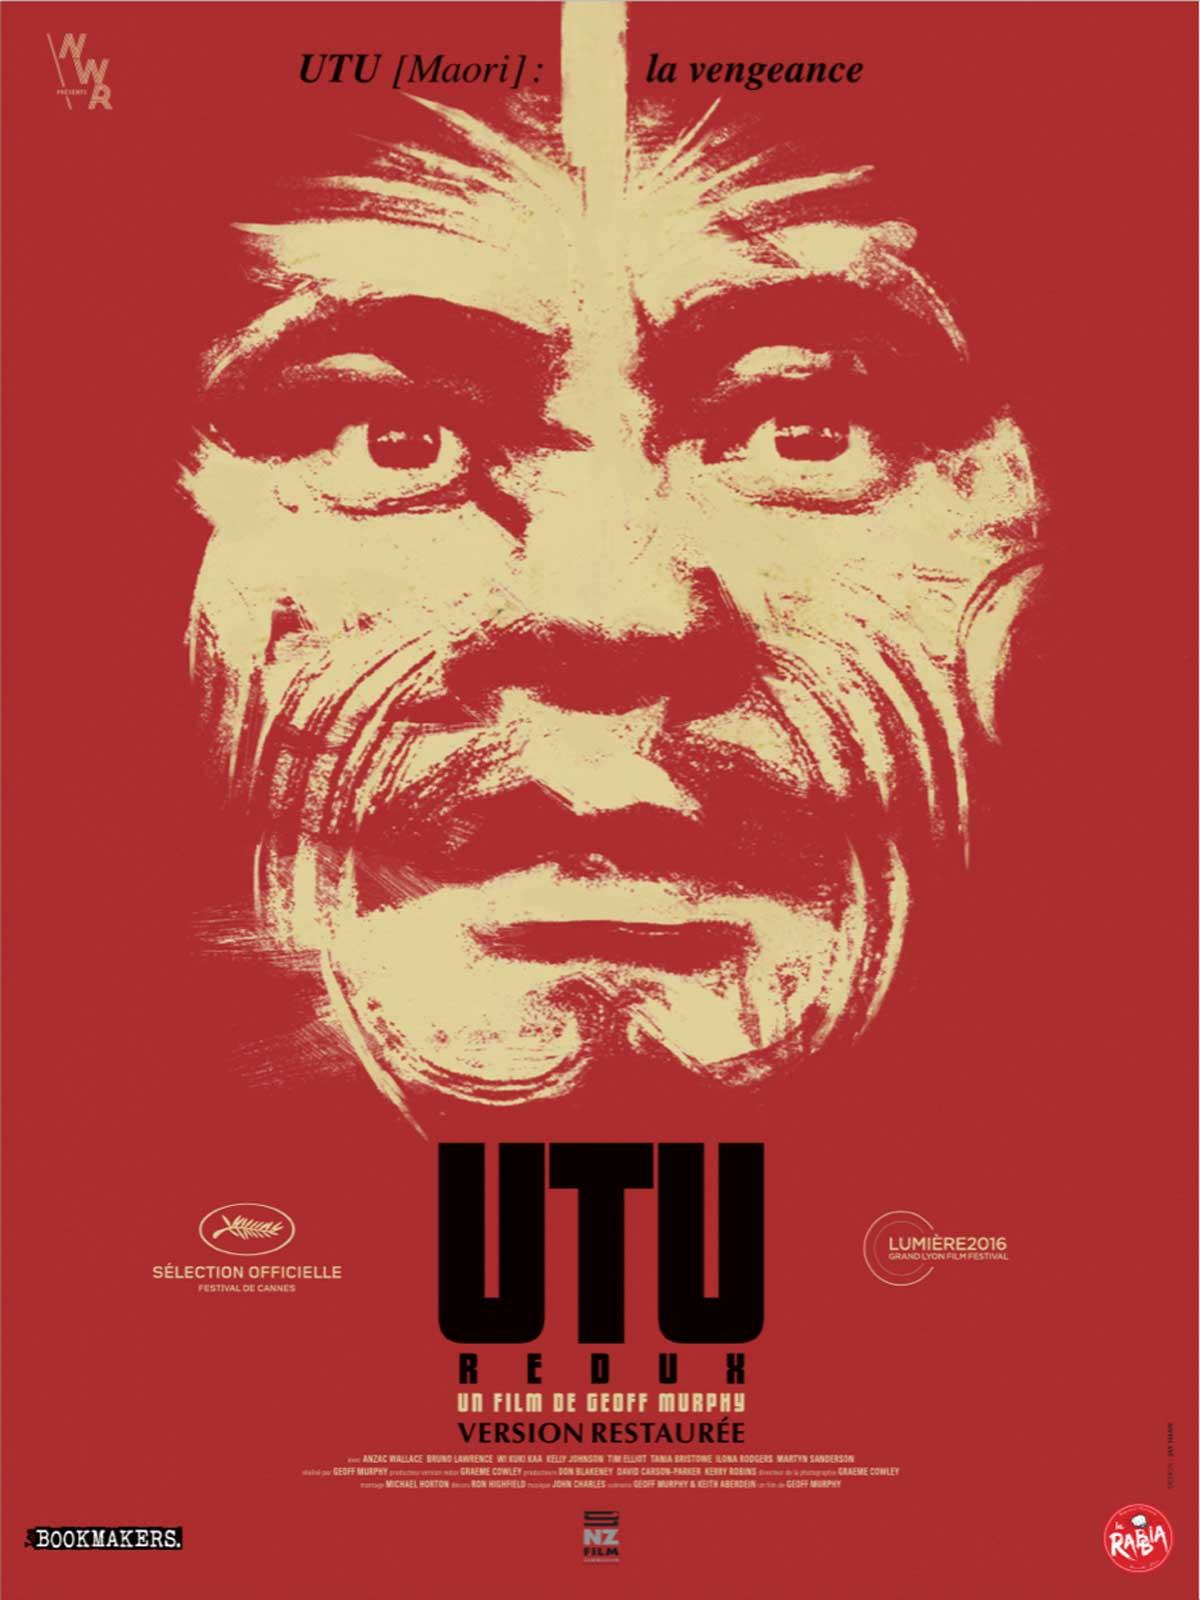 """Résultat de recherche d'images pour """"AFFICHE FILM UTU"""""""